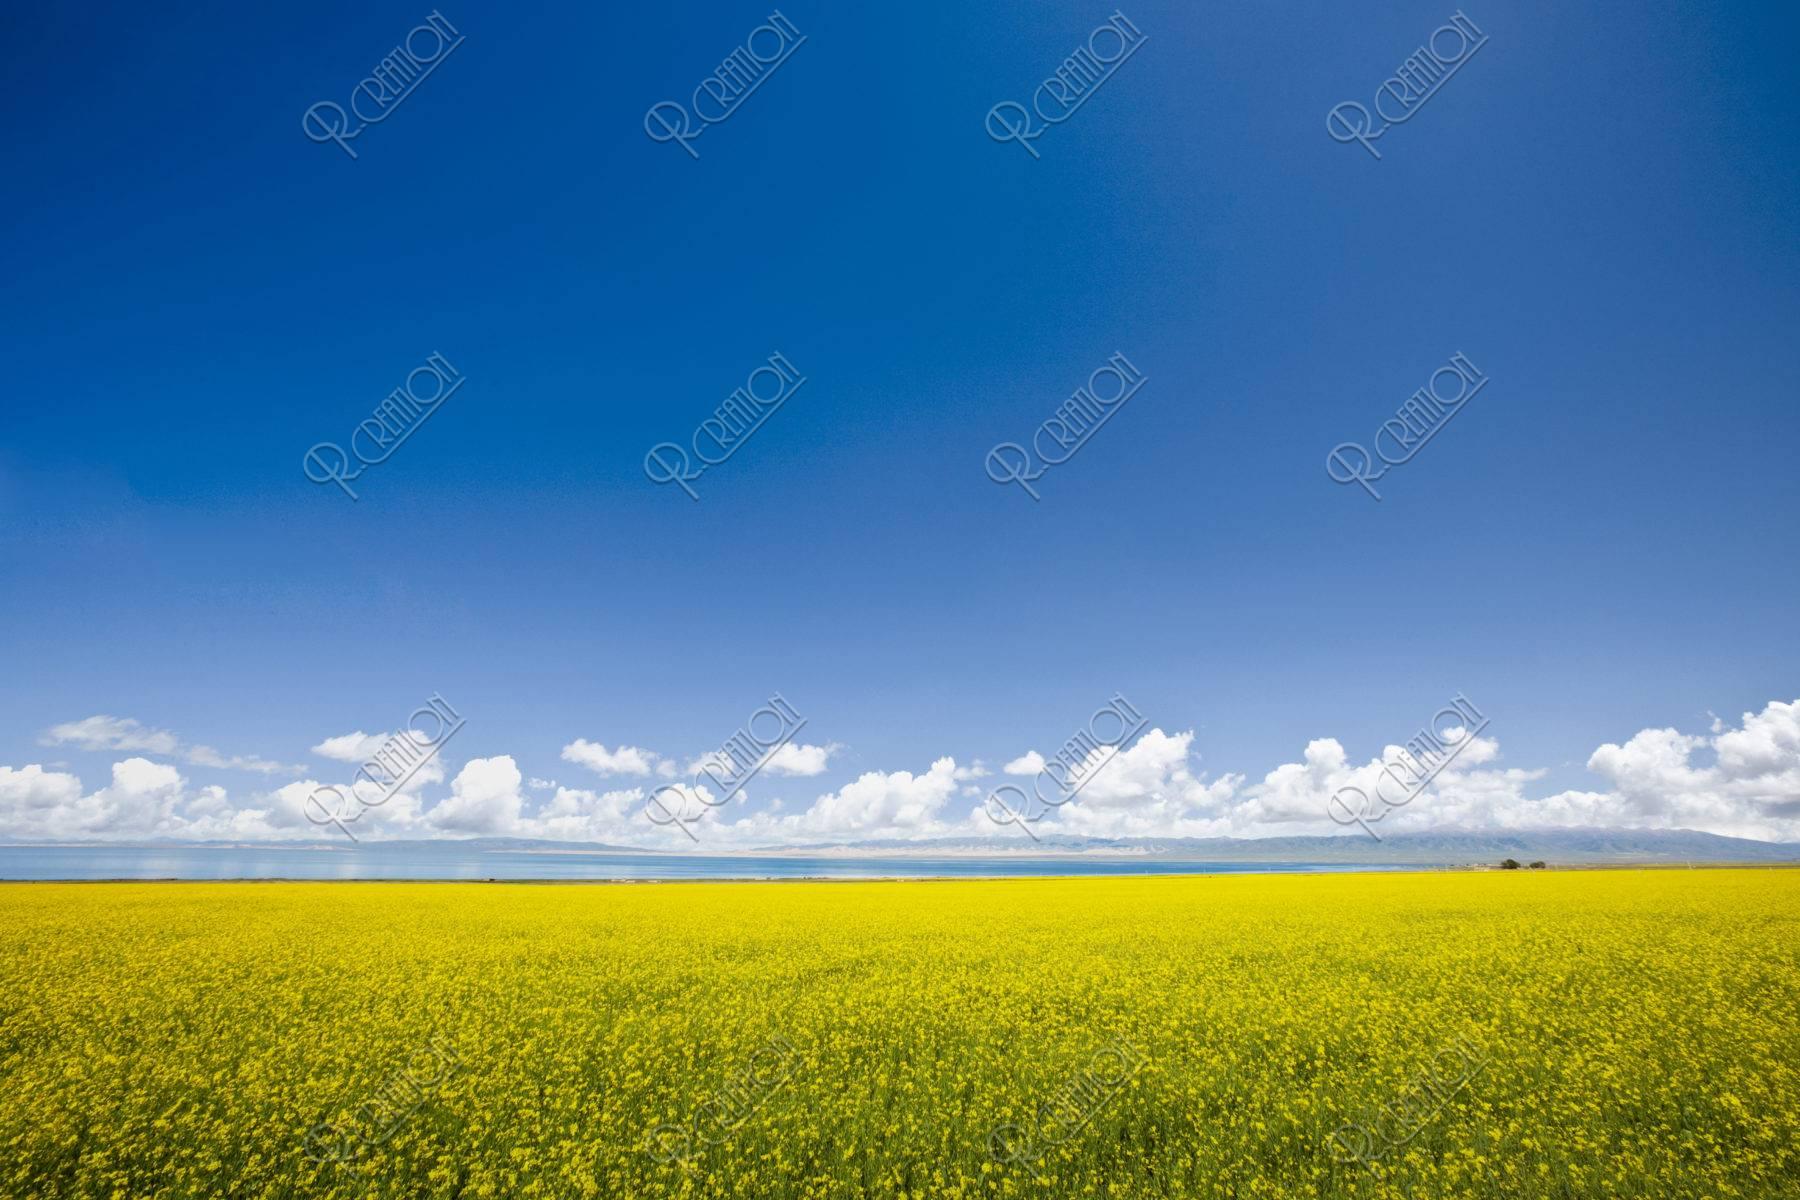 青海湖と菜の花畑